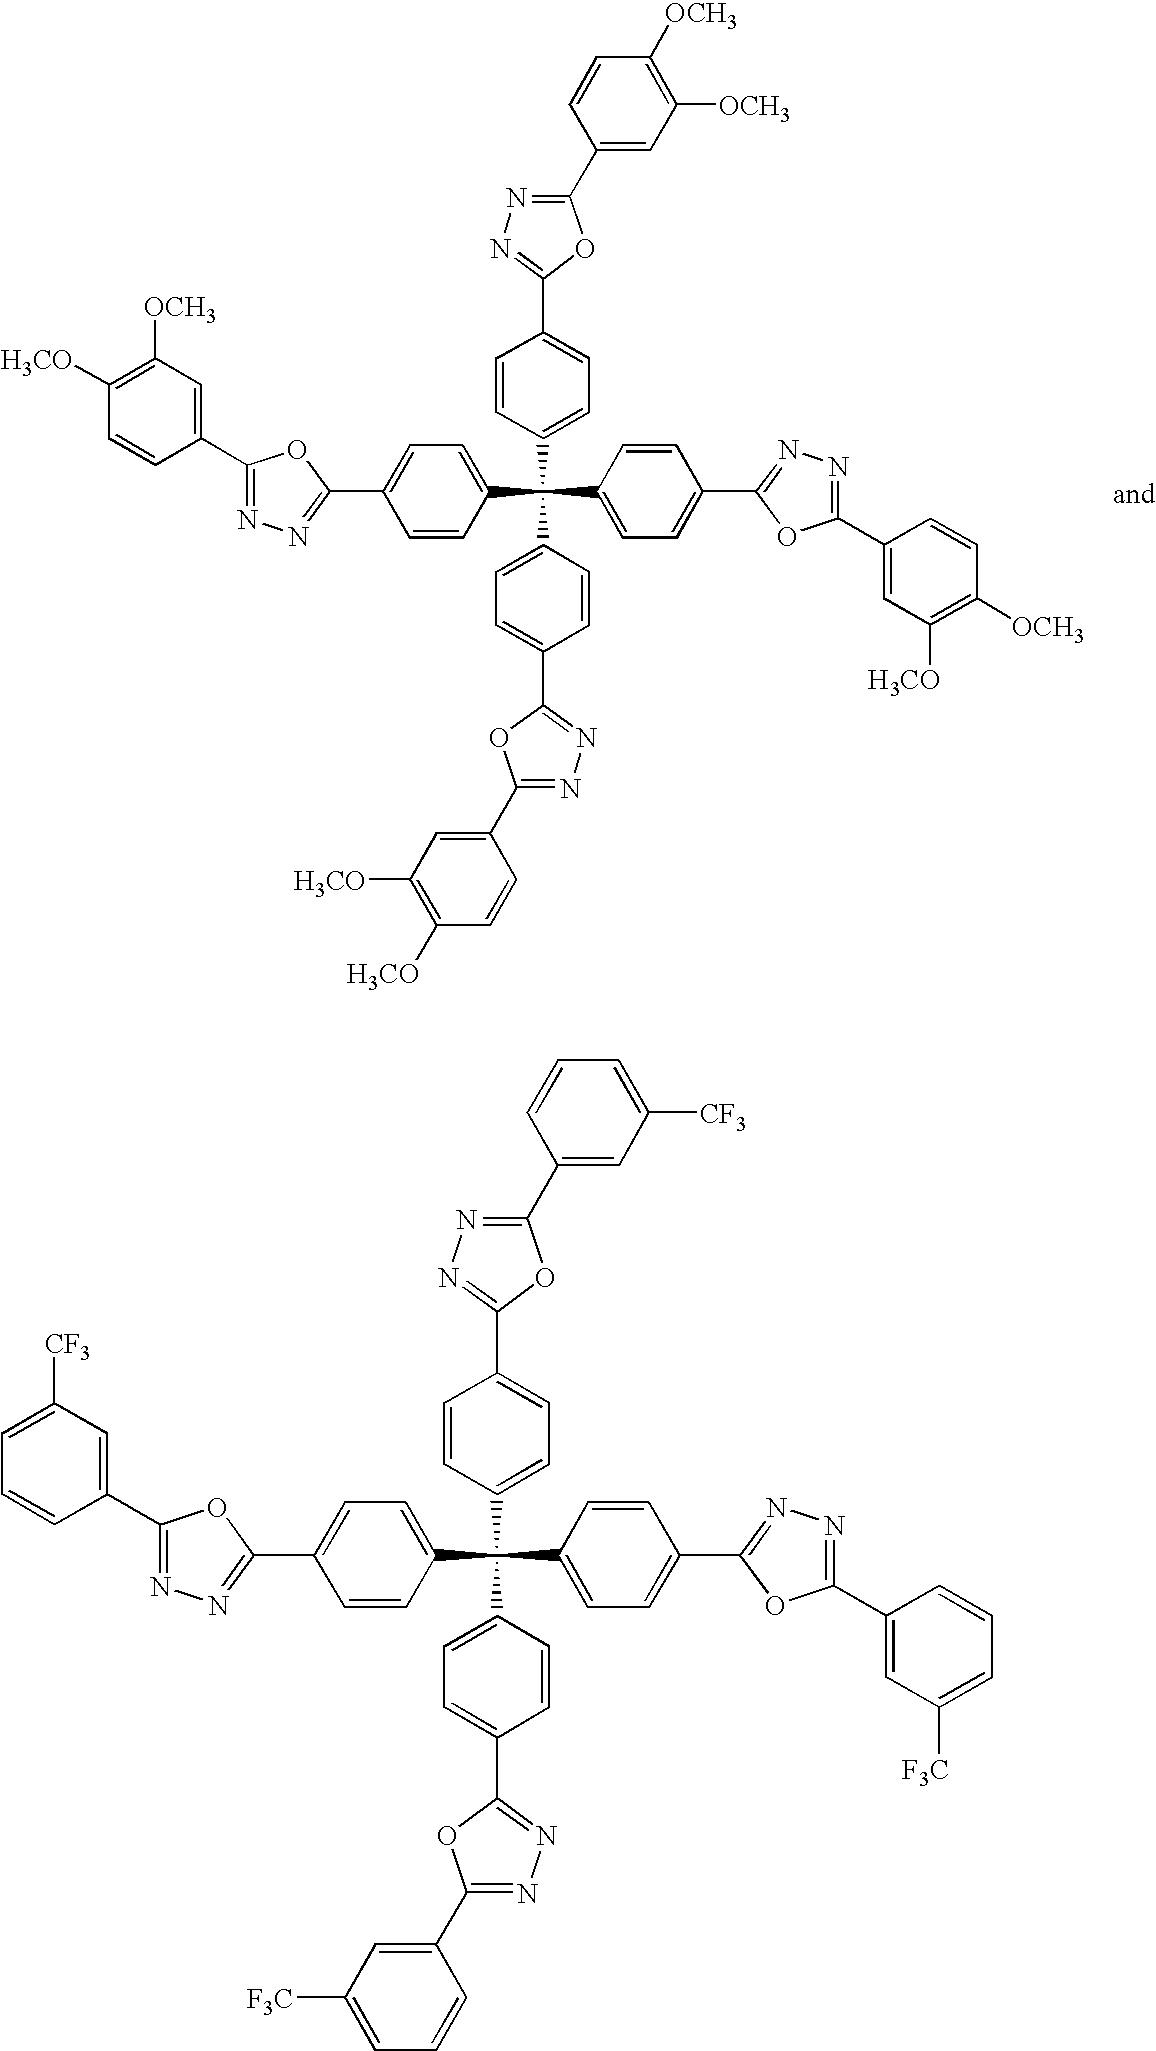 Figure US20090246664A1-20091001-C00030